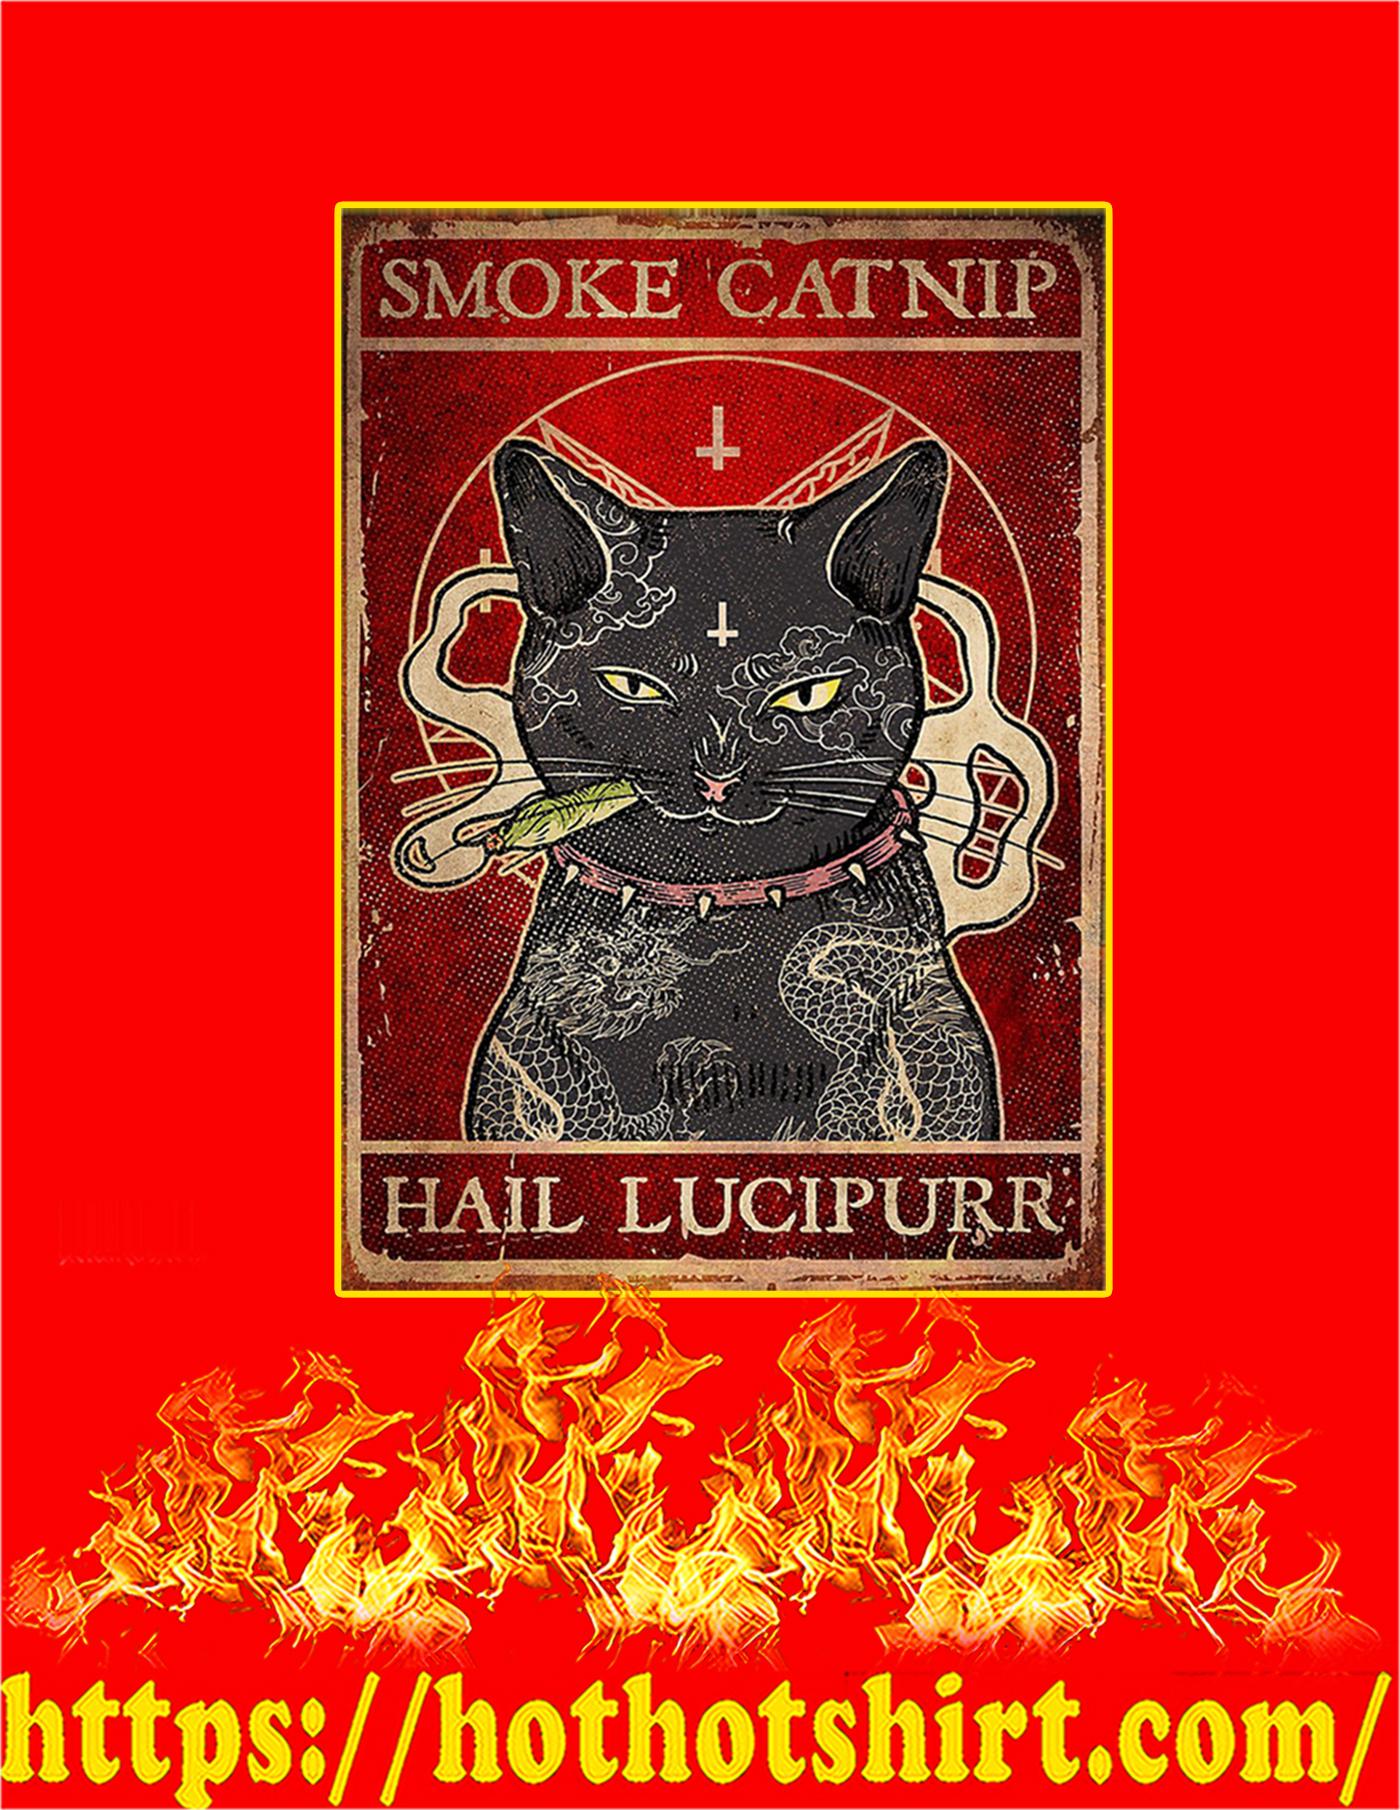 Smoke catnip hail lucipurr cat poster - A2